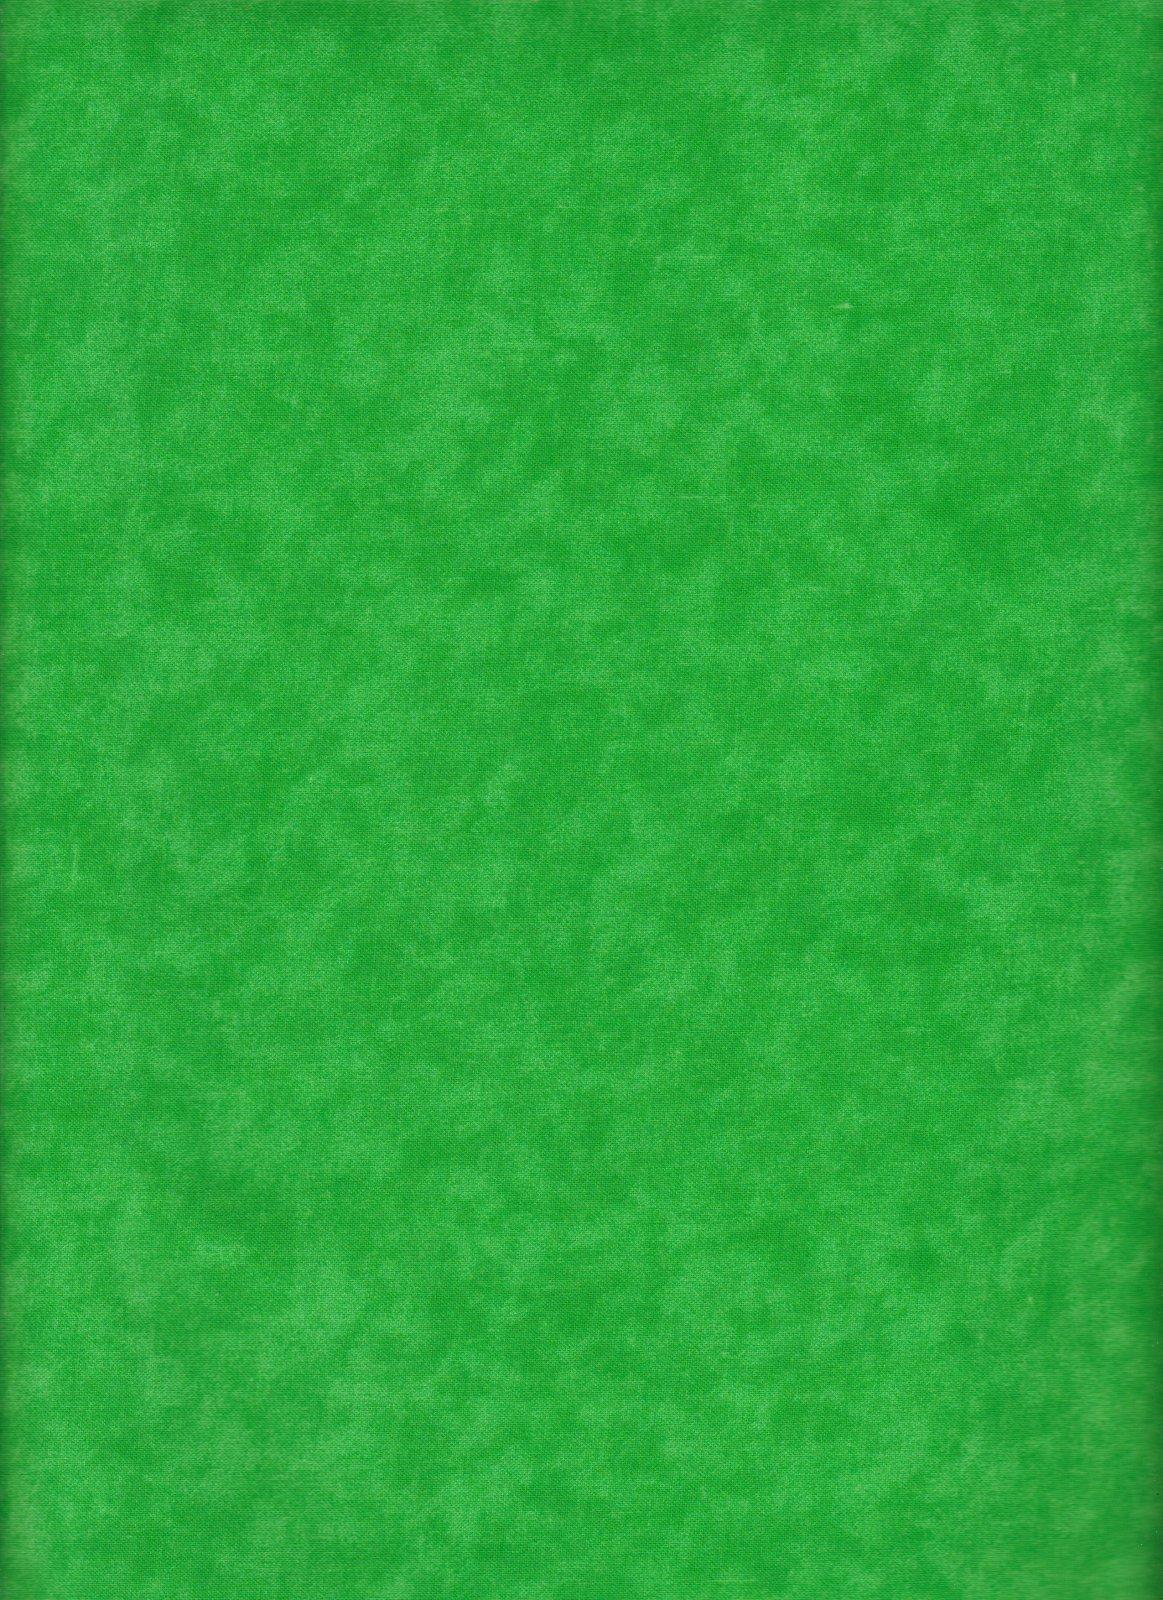 SUEDE TEXTURE 43681-608 Neon Green 101e4e027